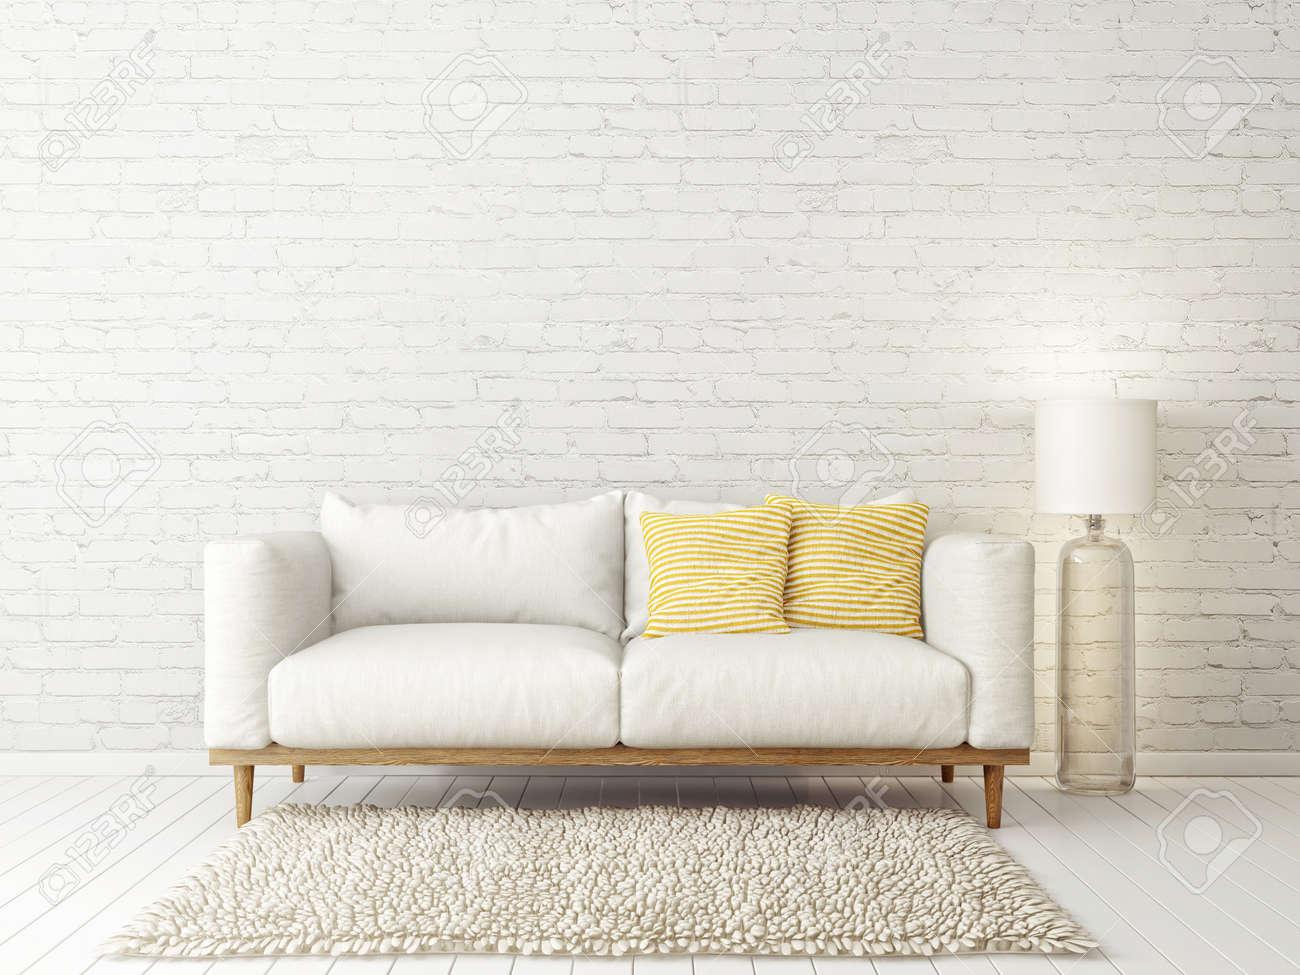 Banque Du0027images   Salon Moderne Avec Canapé Blanc Et Lampe. Mobilier Design  Scandinave. Illustration De Rendu 3D